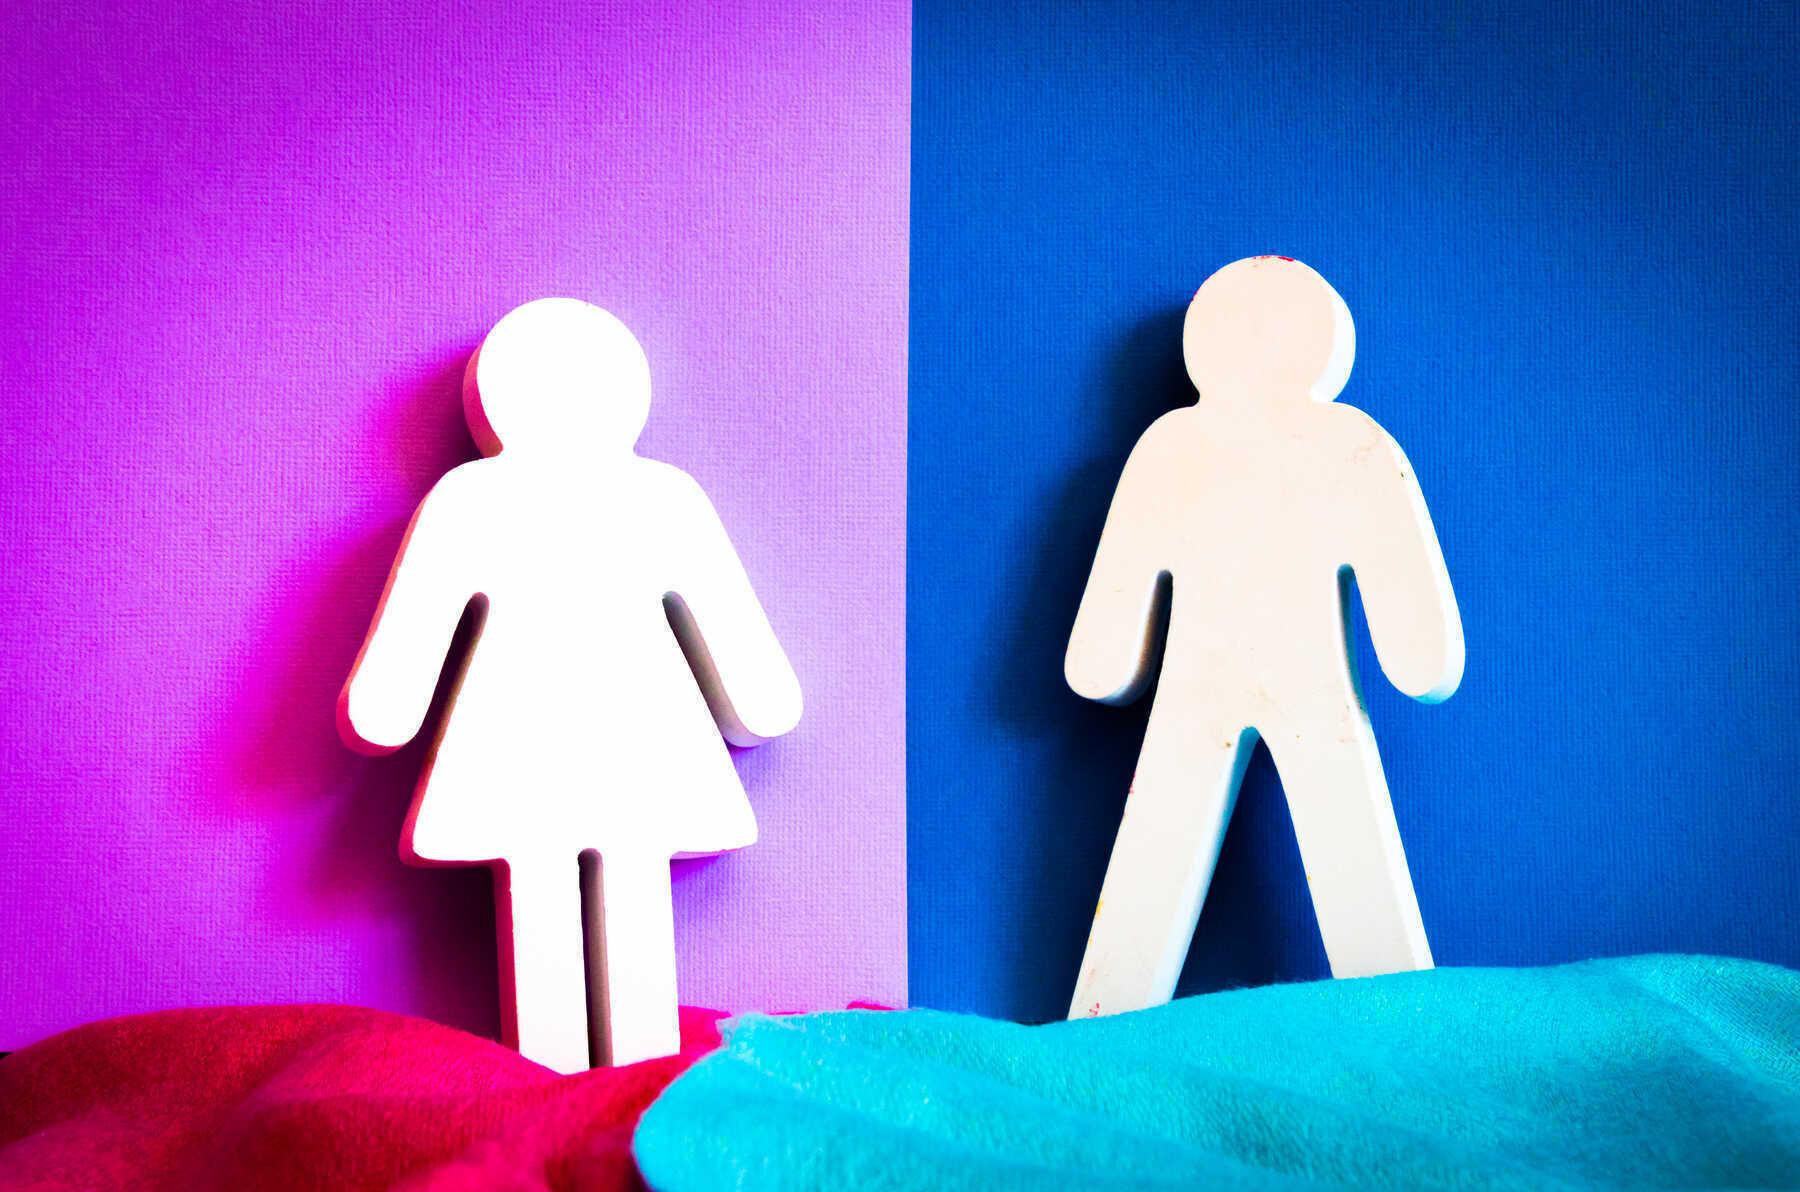 België negende op Europese index voor gendergelijkheid